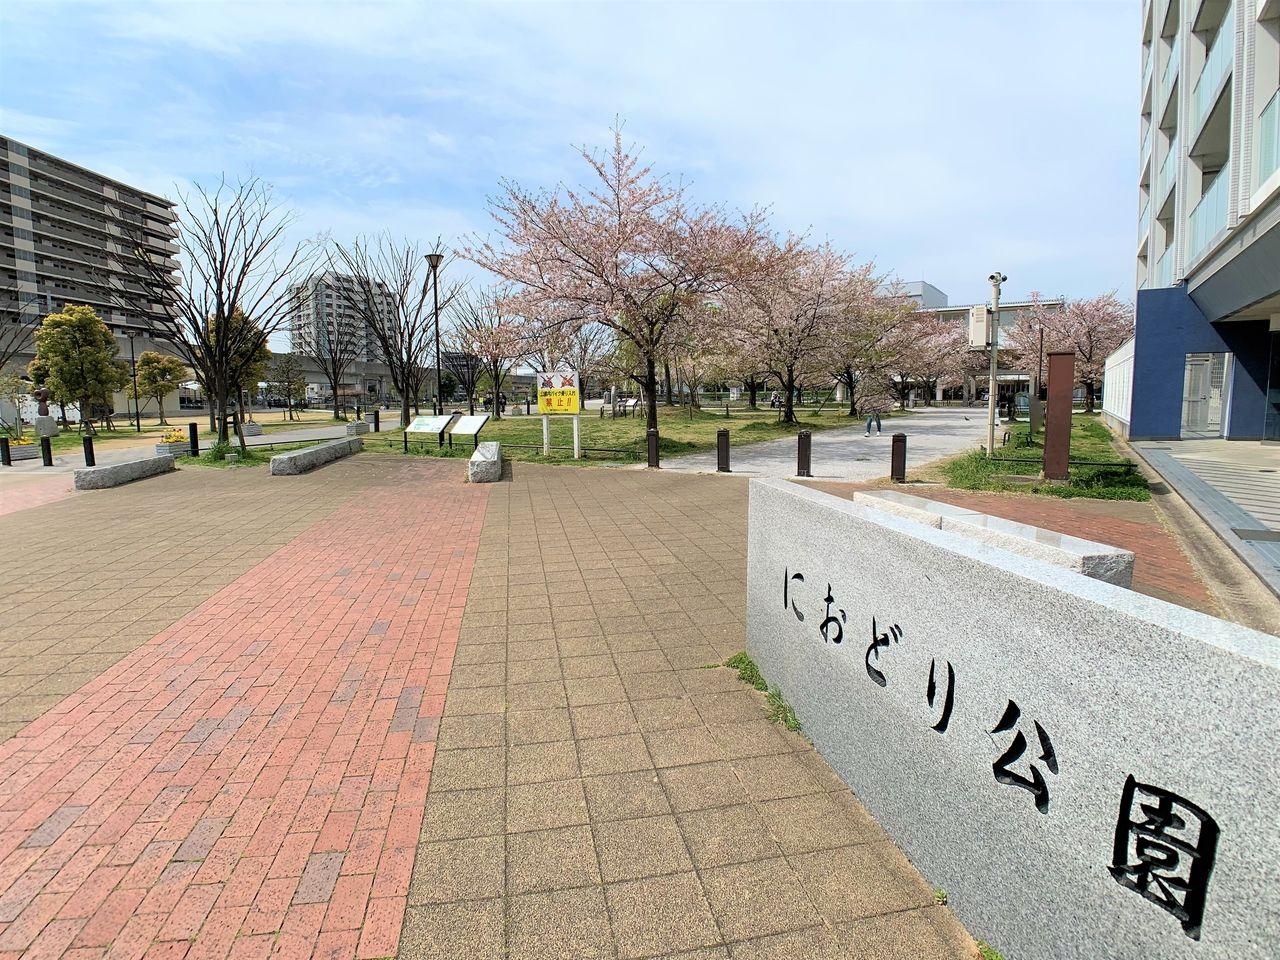 つくばエクスプレス三郷中央駅目の前 misato style、BIG盆などの夏祭りが開催!